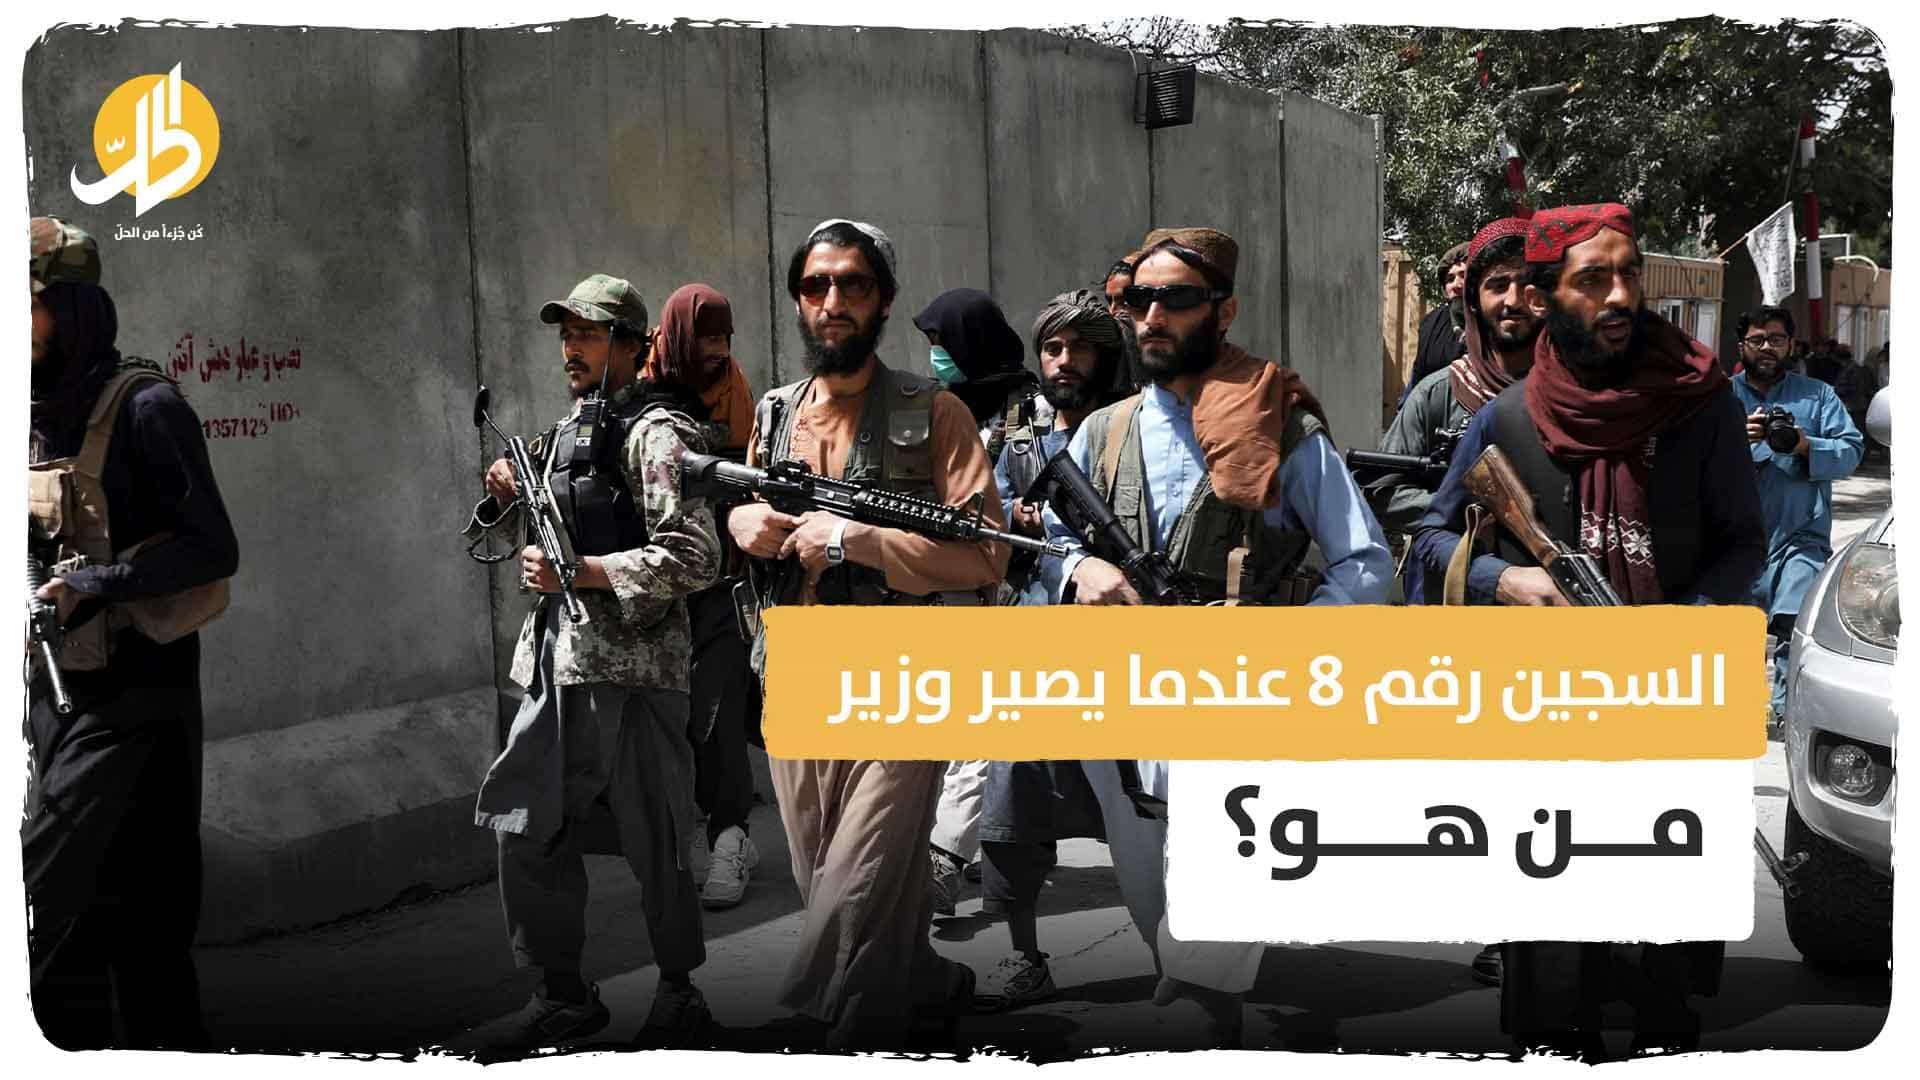 السجين رقم 8 عندما يصير وزير دفاع في طالبان.. من هو؟